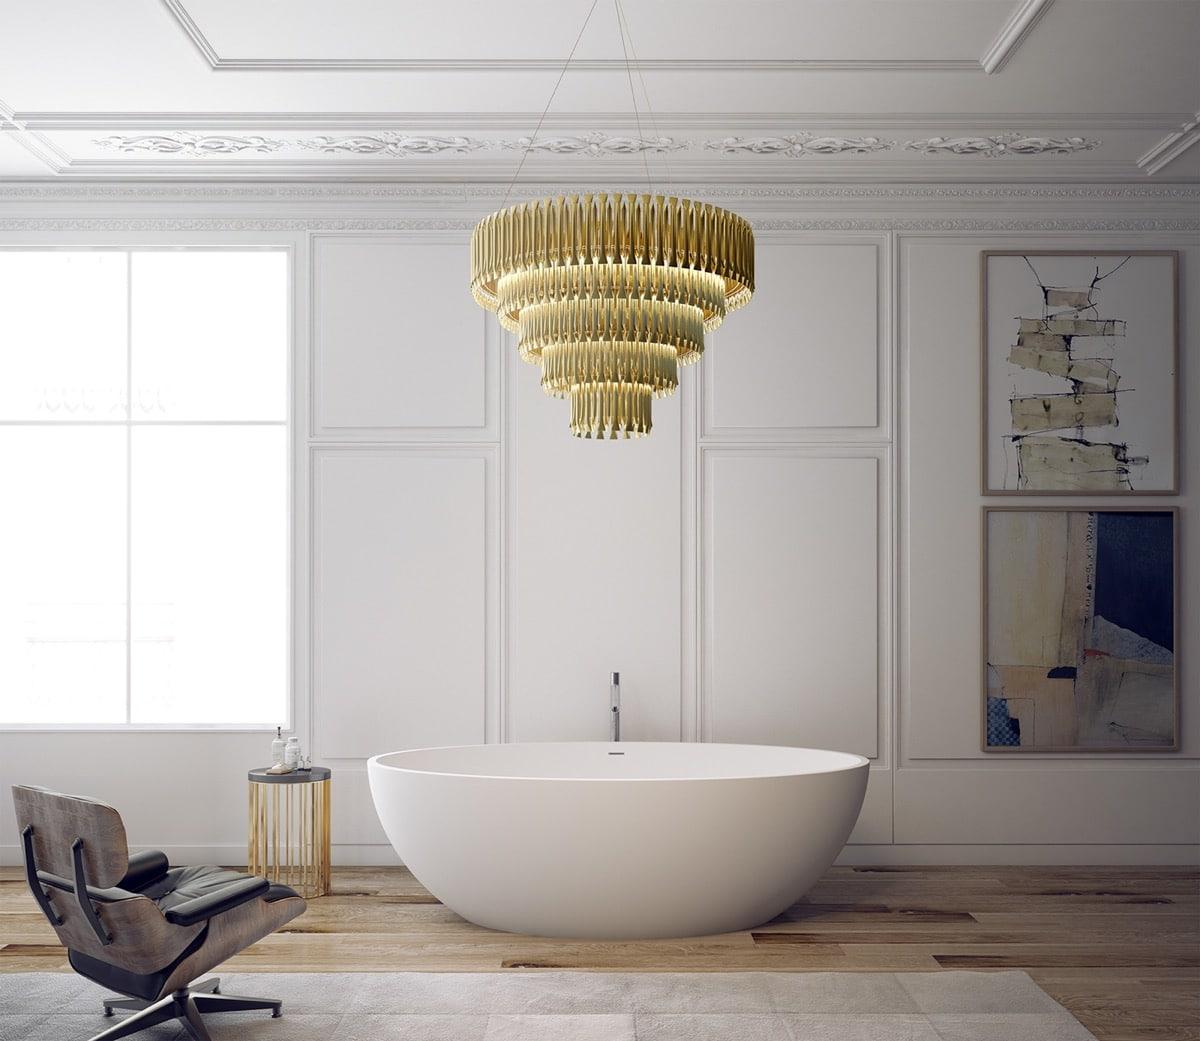 Baignoire minimaliste dans salon